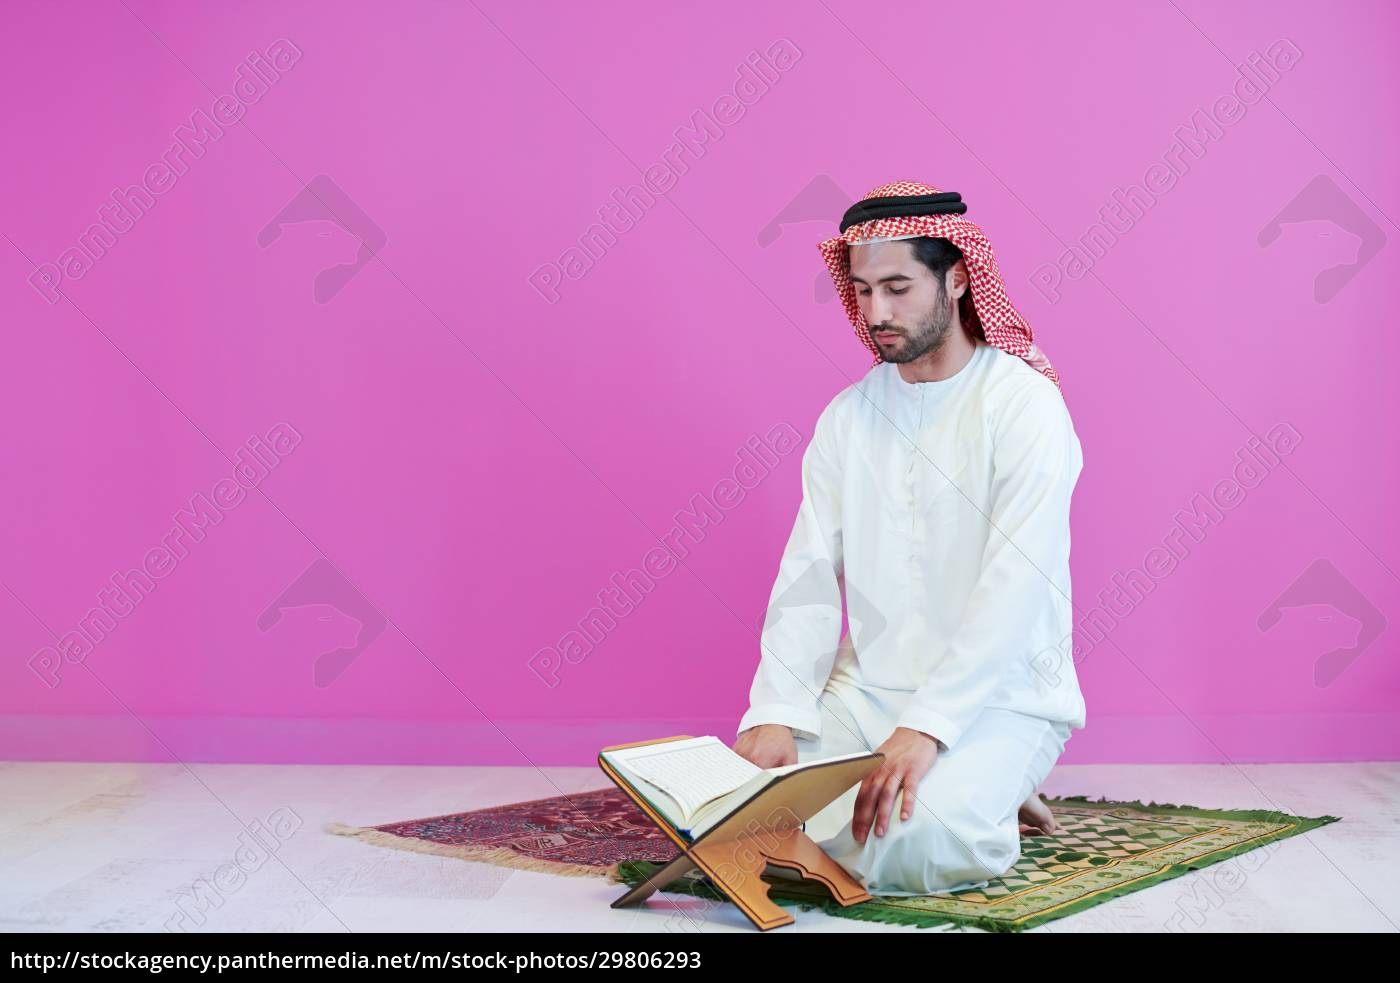 junger, arabischer, muslimischer, mann, der, zu, hause - 29806293